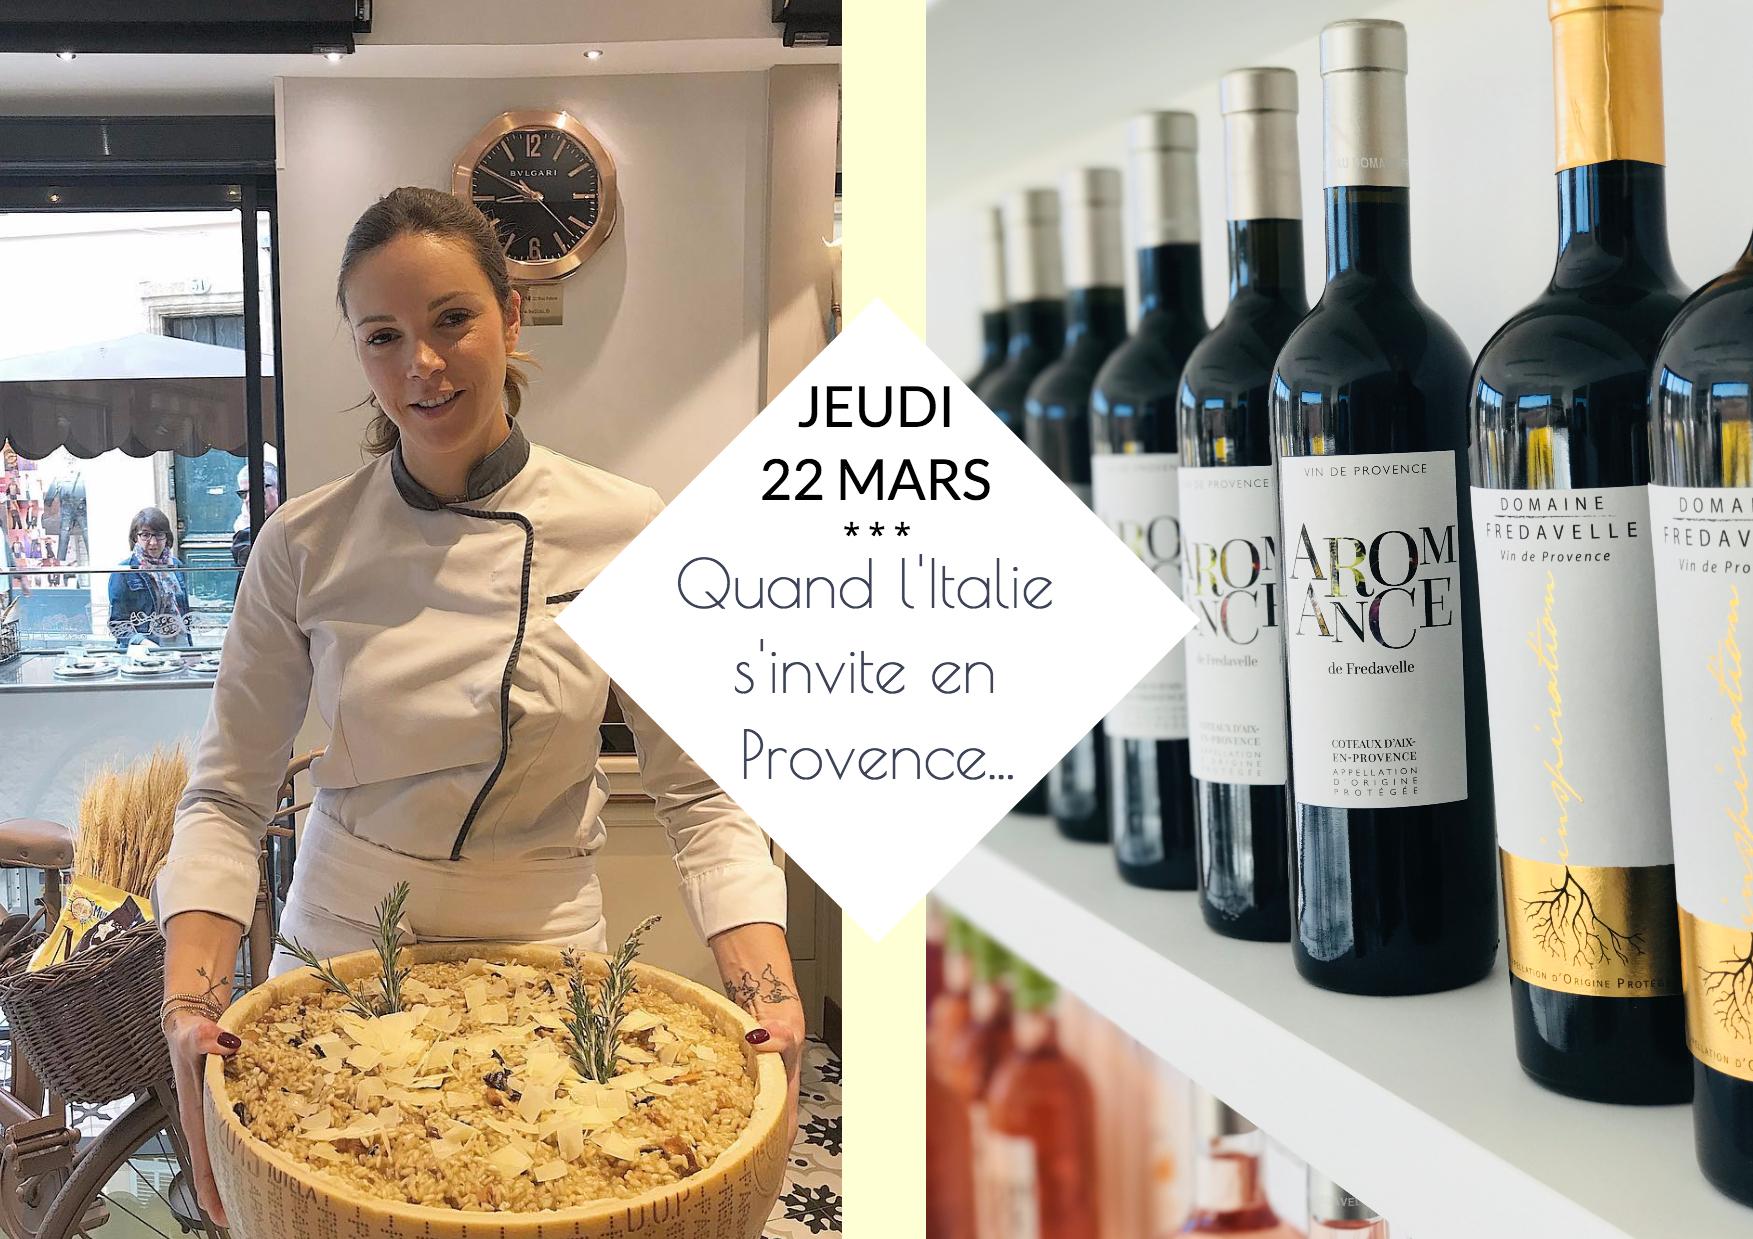 soirée événement Top Chef Marion lefebvre Bottega Da Verri au domaine fredavelle